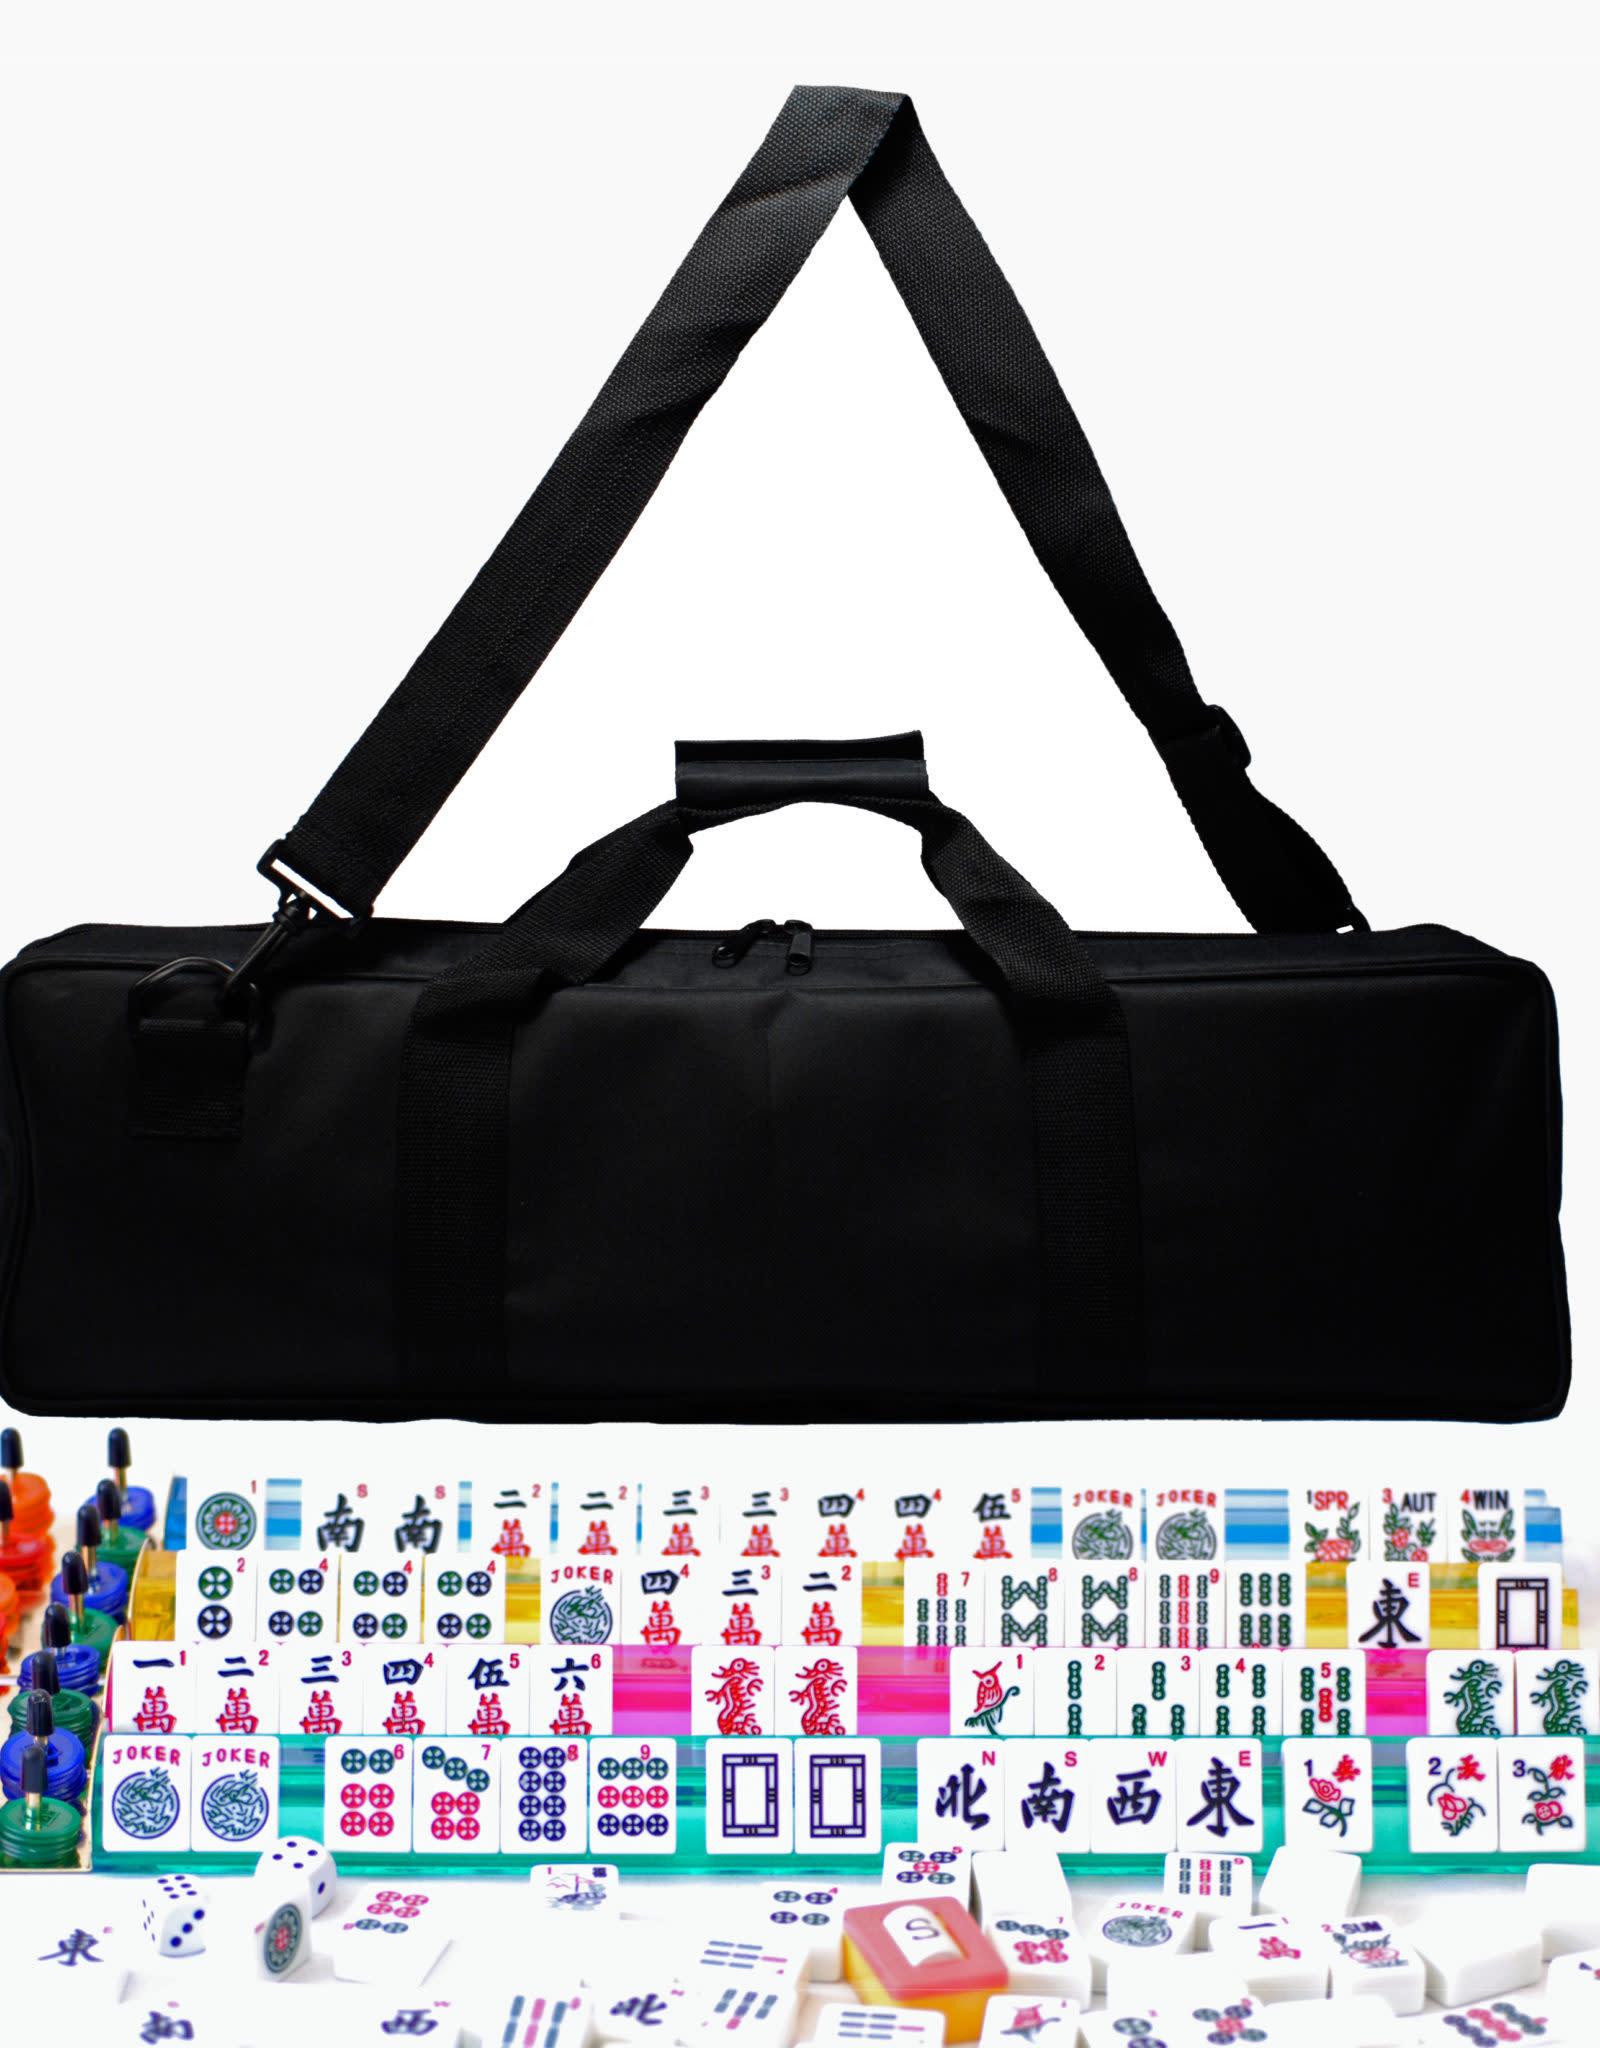 American Mah Jong in Canvas Bag